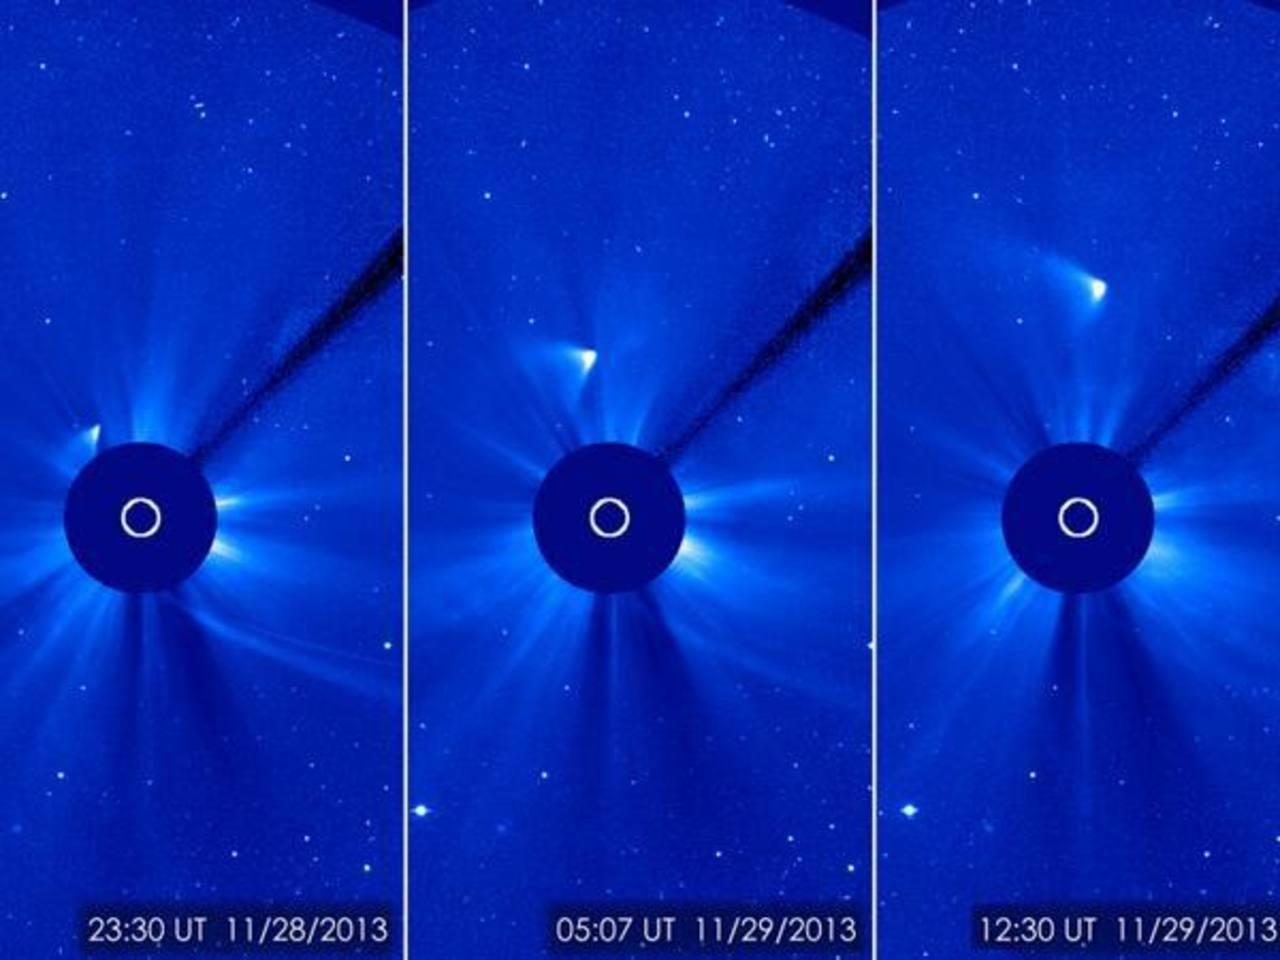 Nuevas imágenes, básicamente débiles borrones en una pantalla, que fueron analizadas el viernes mostraron una raya de luz alejándose del Sol.